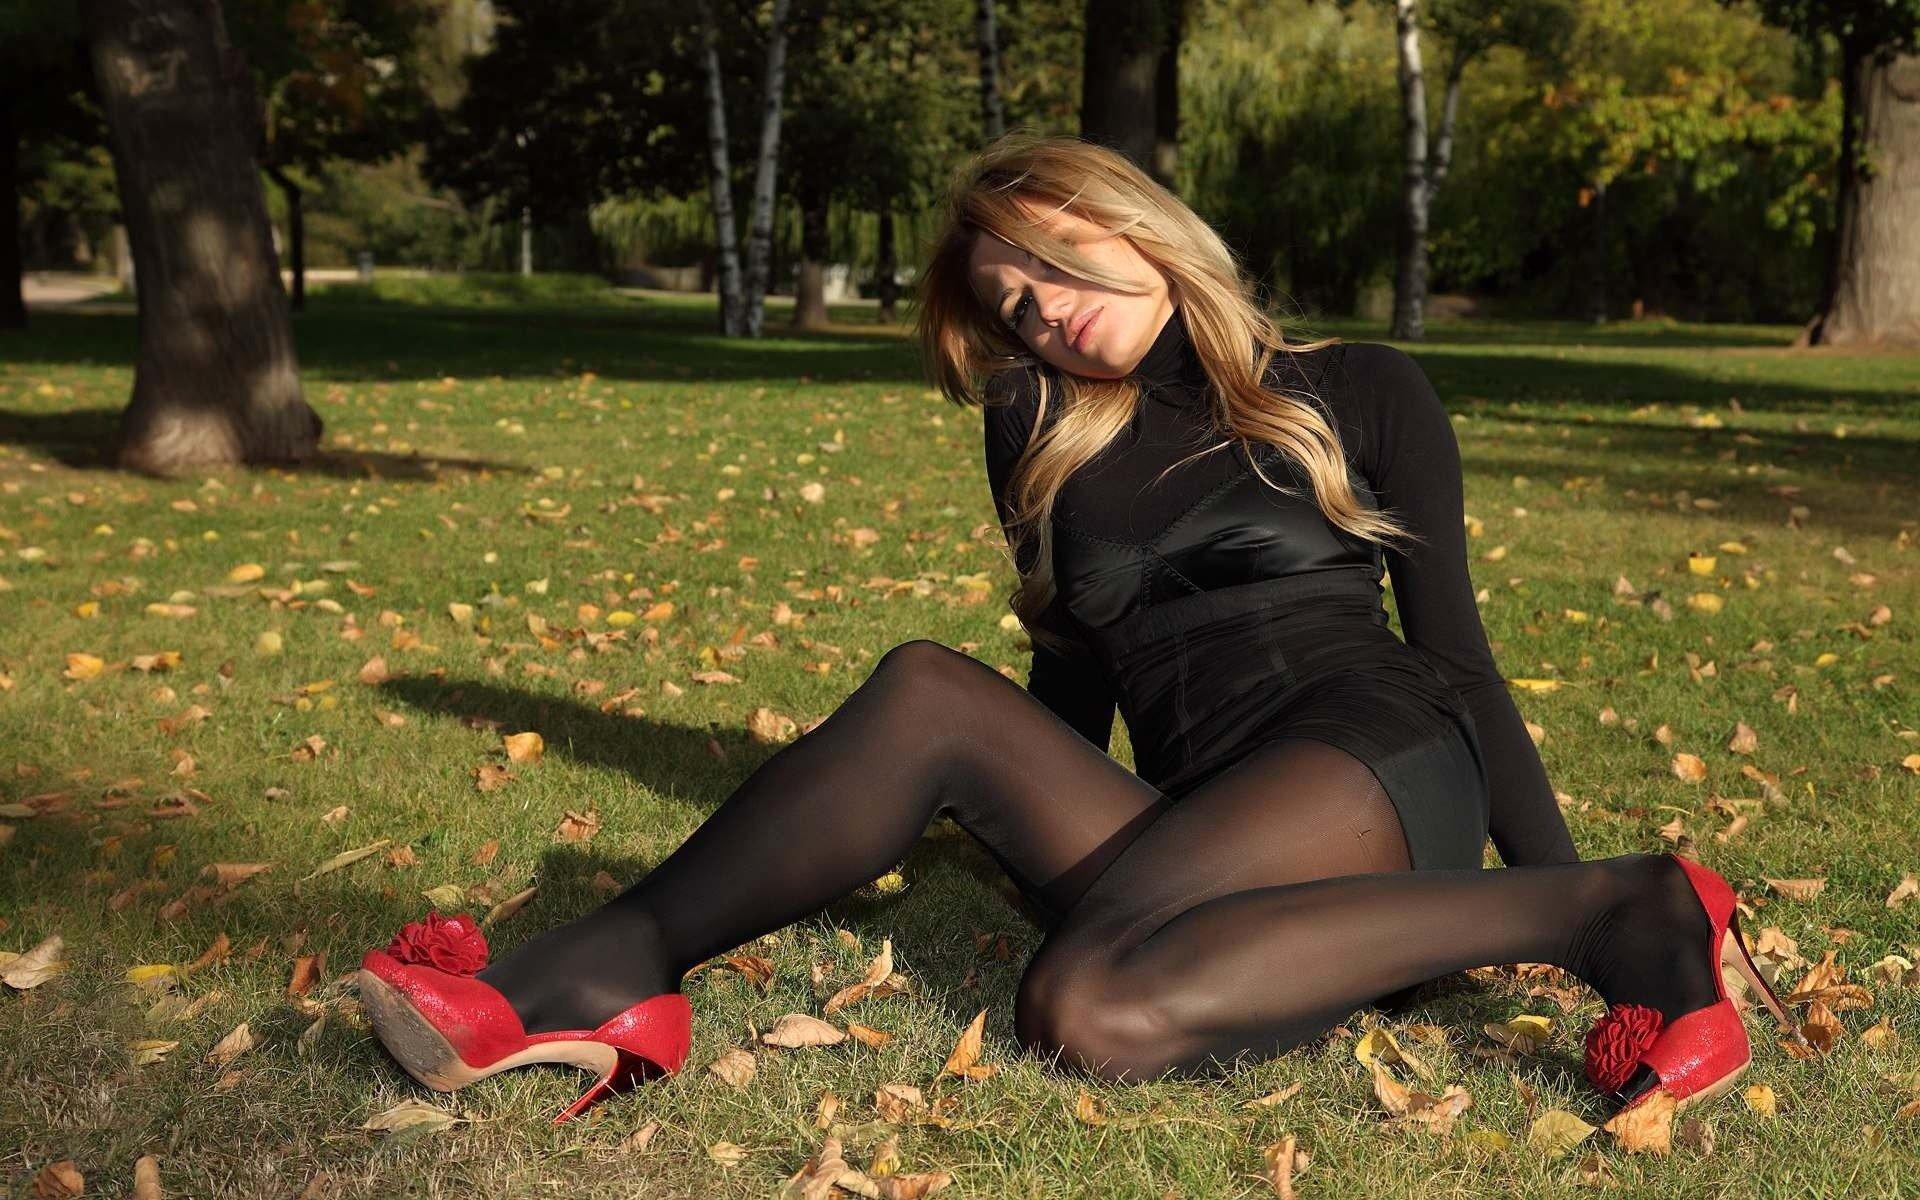 Видео девушки в черных колготках гуляют в парке, секс с дорожными проститутками